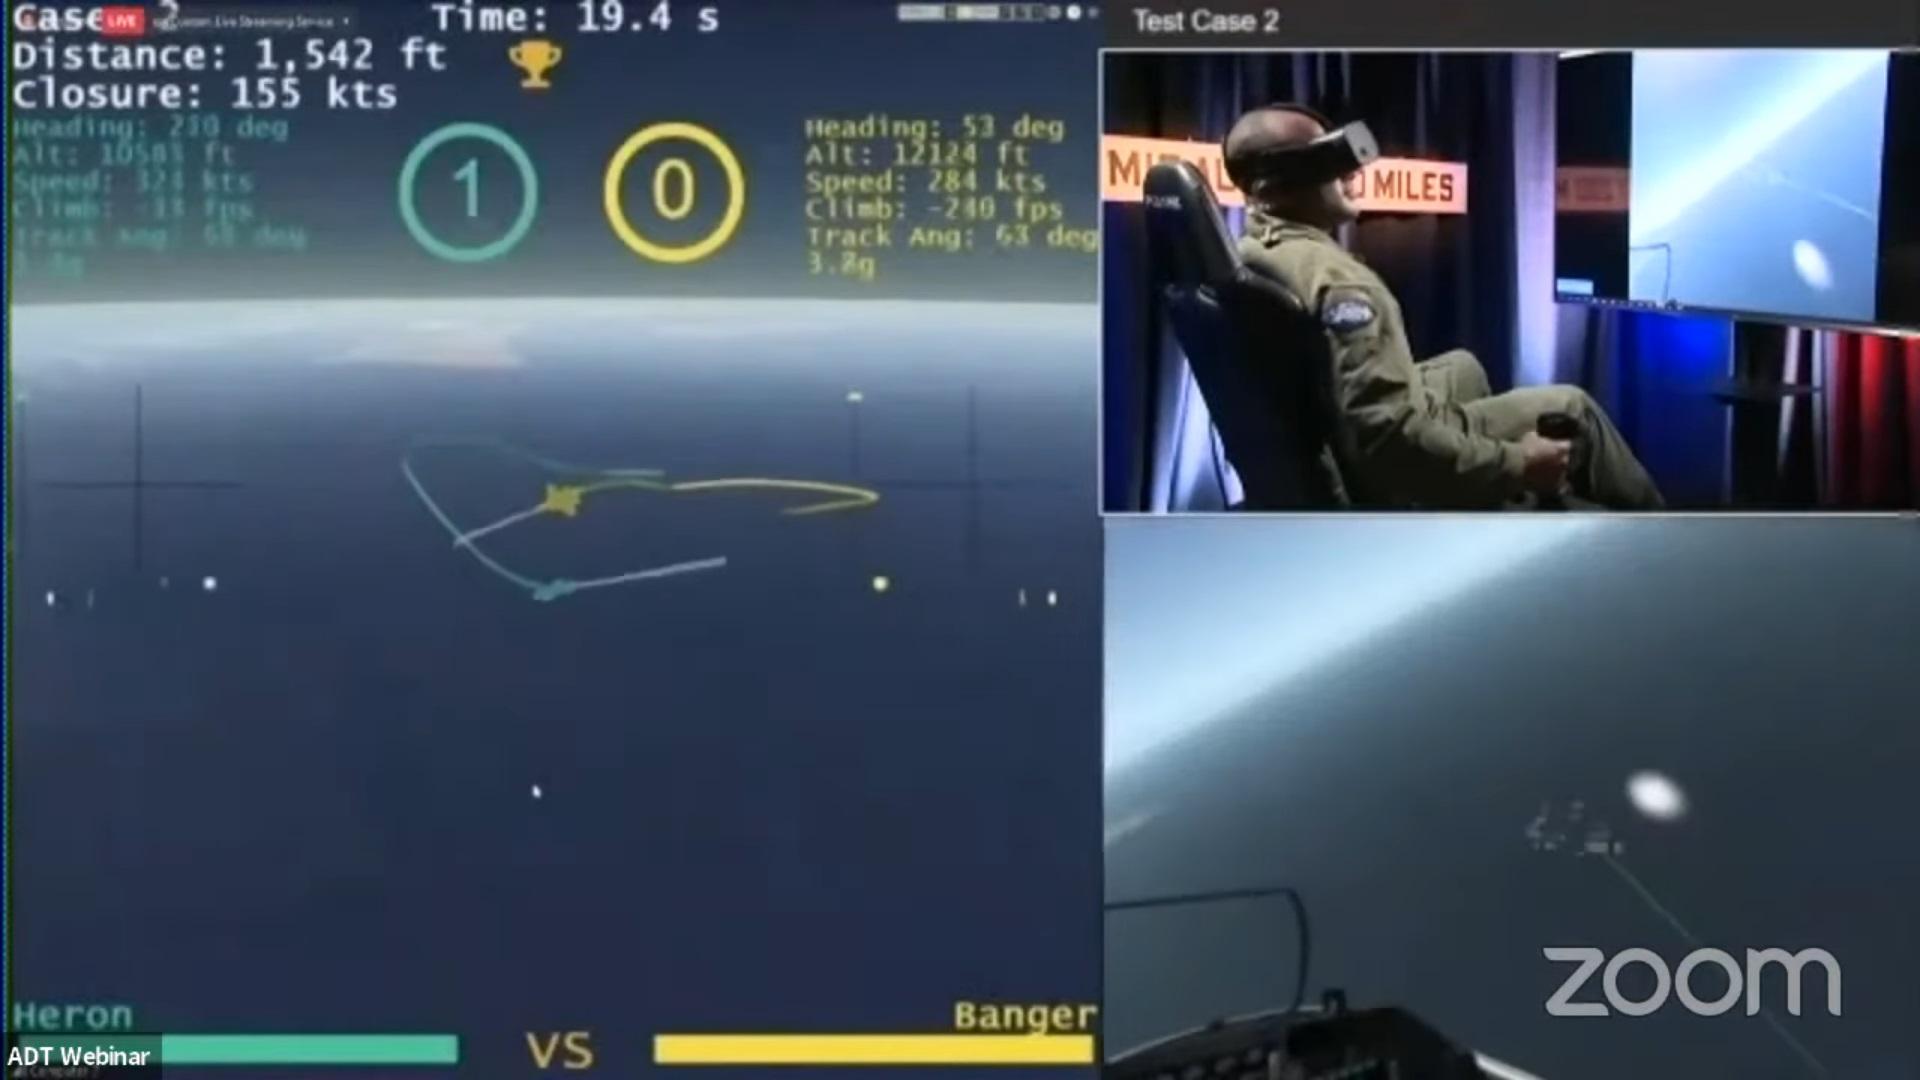 Кадр из трансляции виртуального соревнования между пилотами-людьми и ИИ в авиасимуляторе